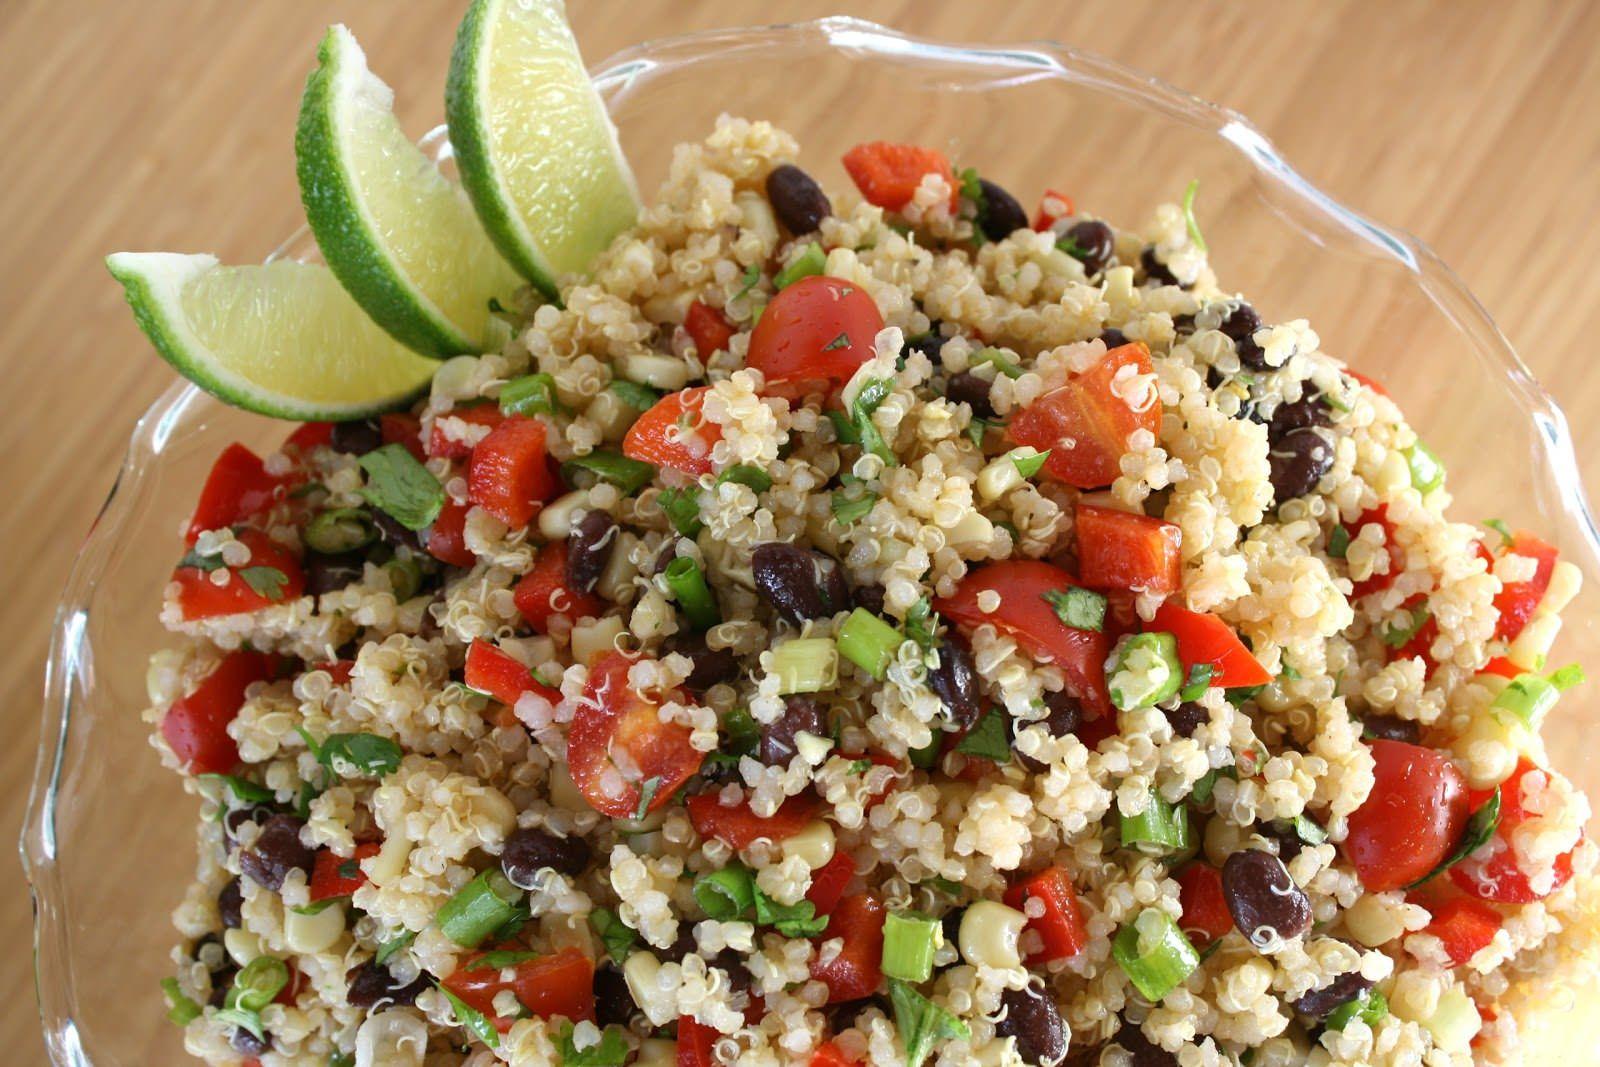 70229675c77f1e02ac0a65fab41b1b67 - Ricette Con La Quinoa